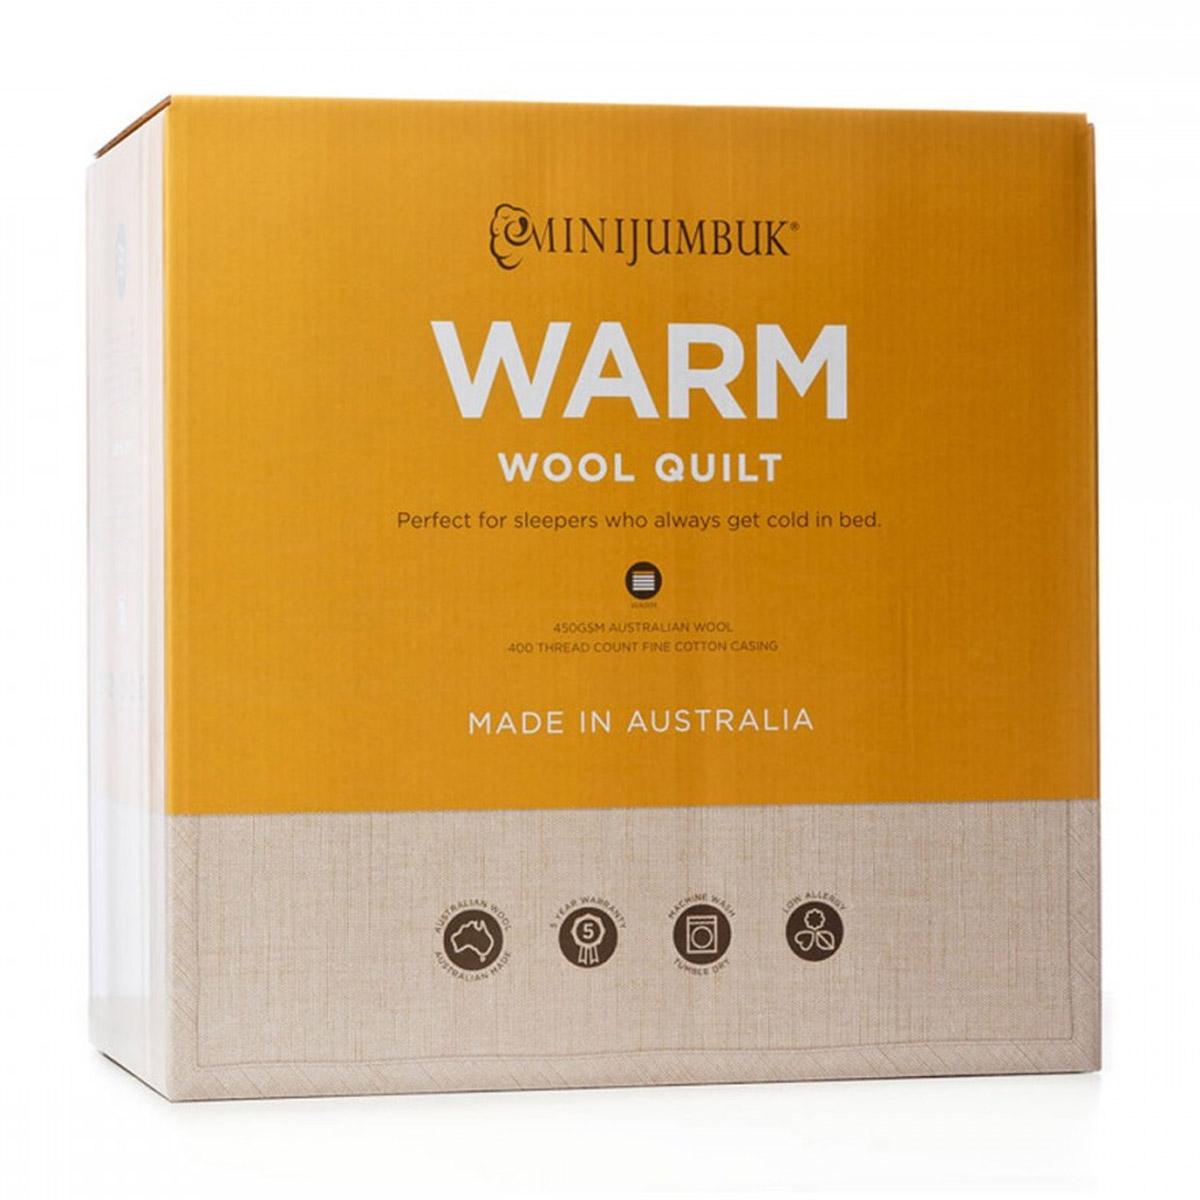 MiniJumbuk Warm Australian Wool Quilt